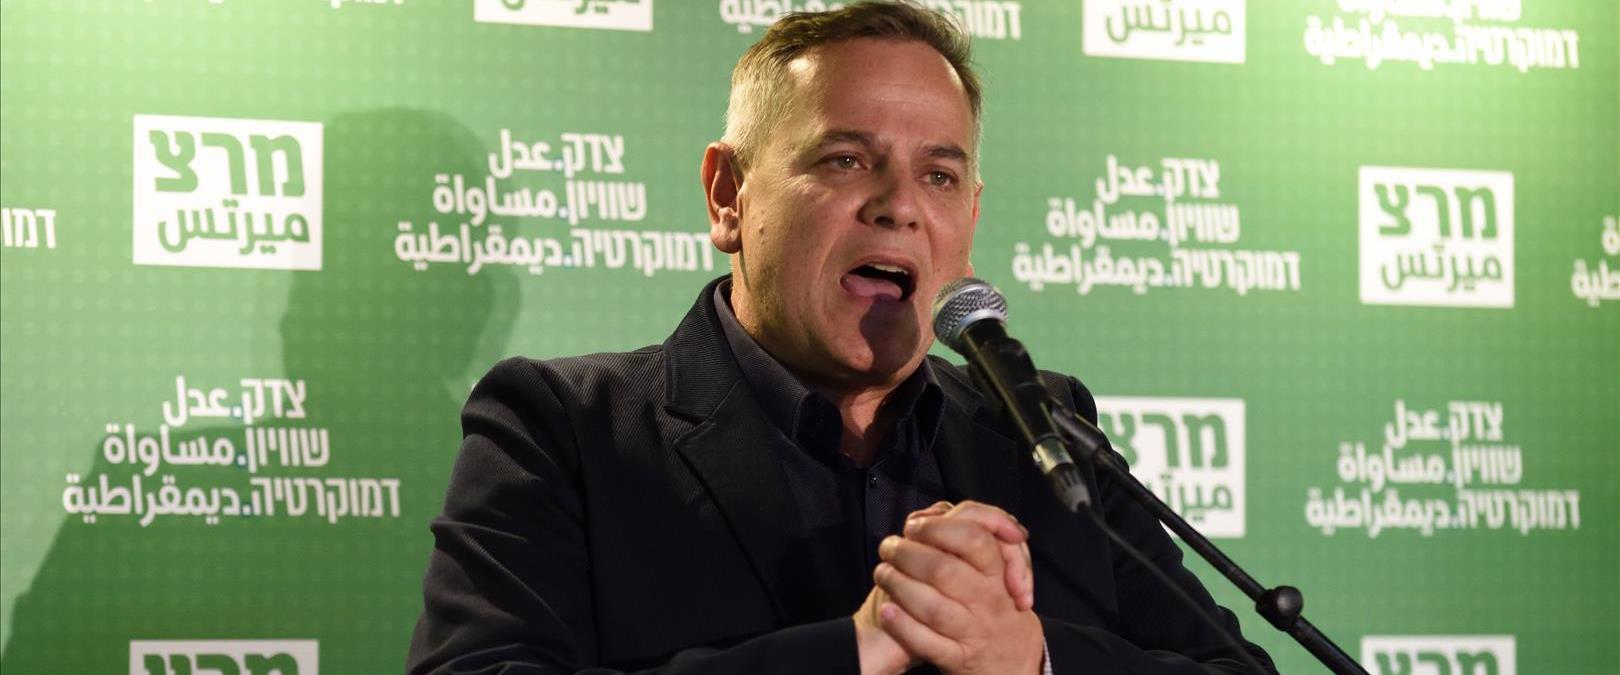 ניצן הורוביץ לאחר הניצחון בבחירות לראשות מרצ